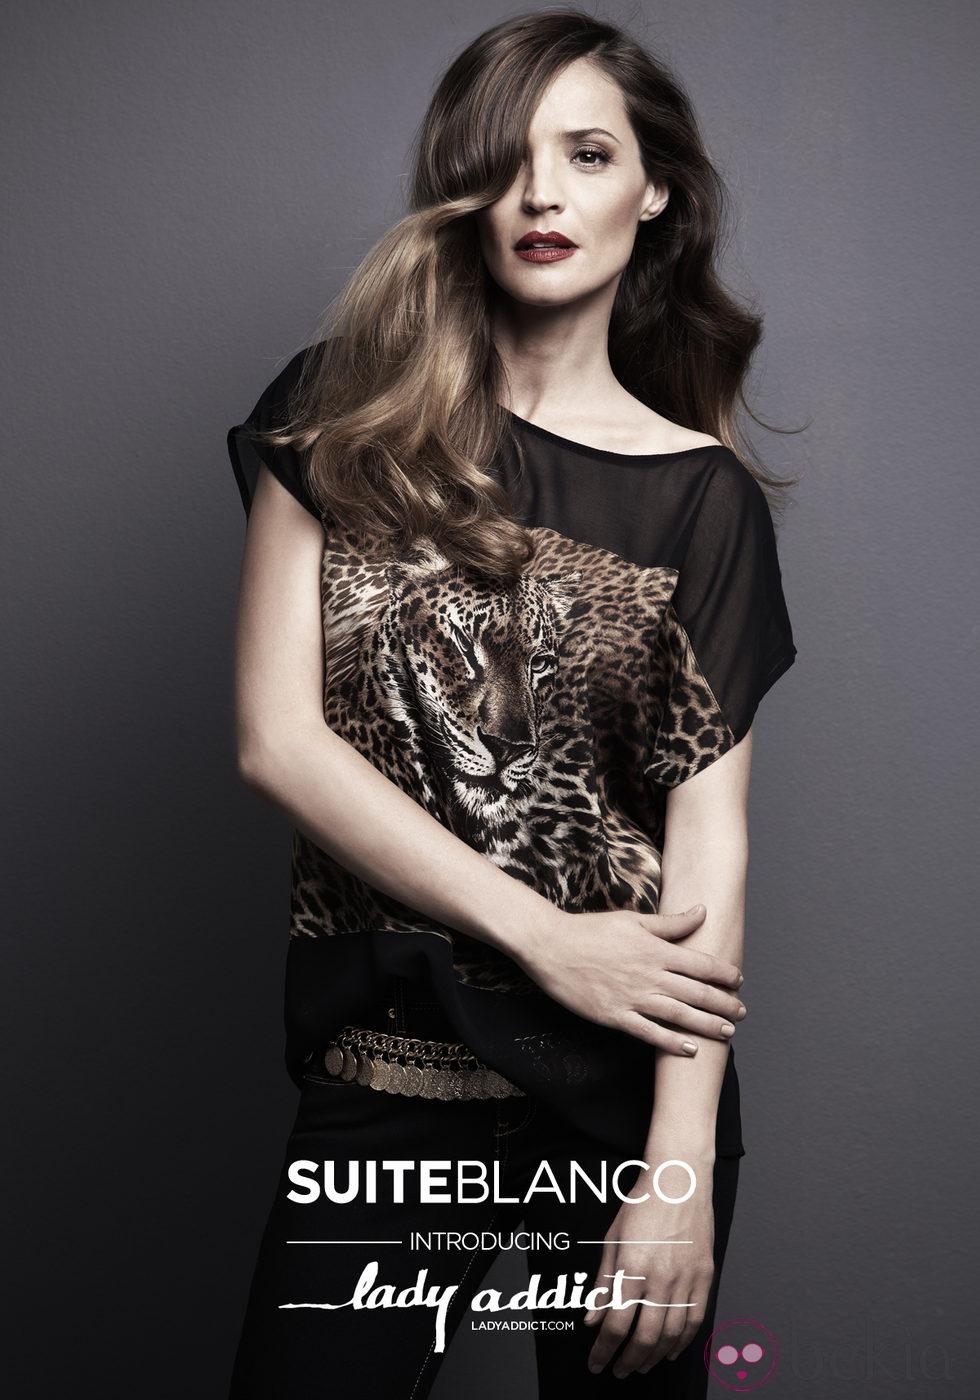 Lady Addict con camisa de estampado animal de SuiteBlanco